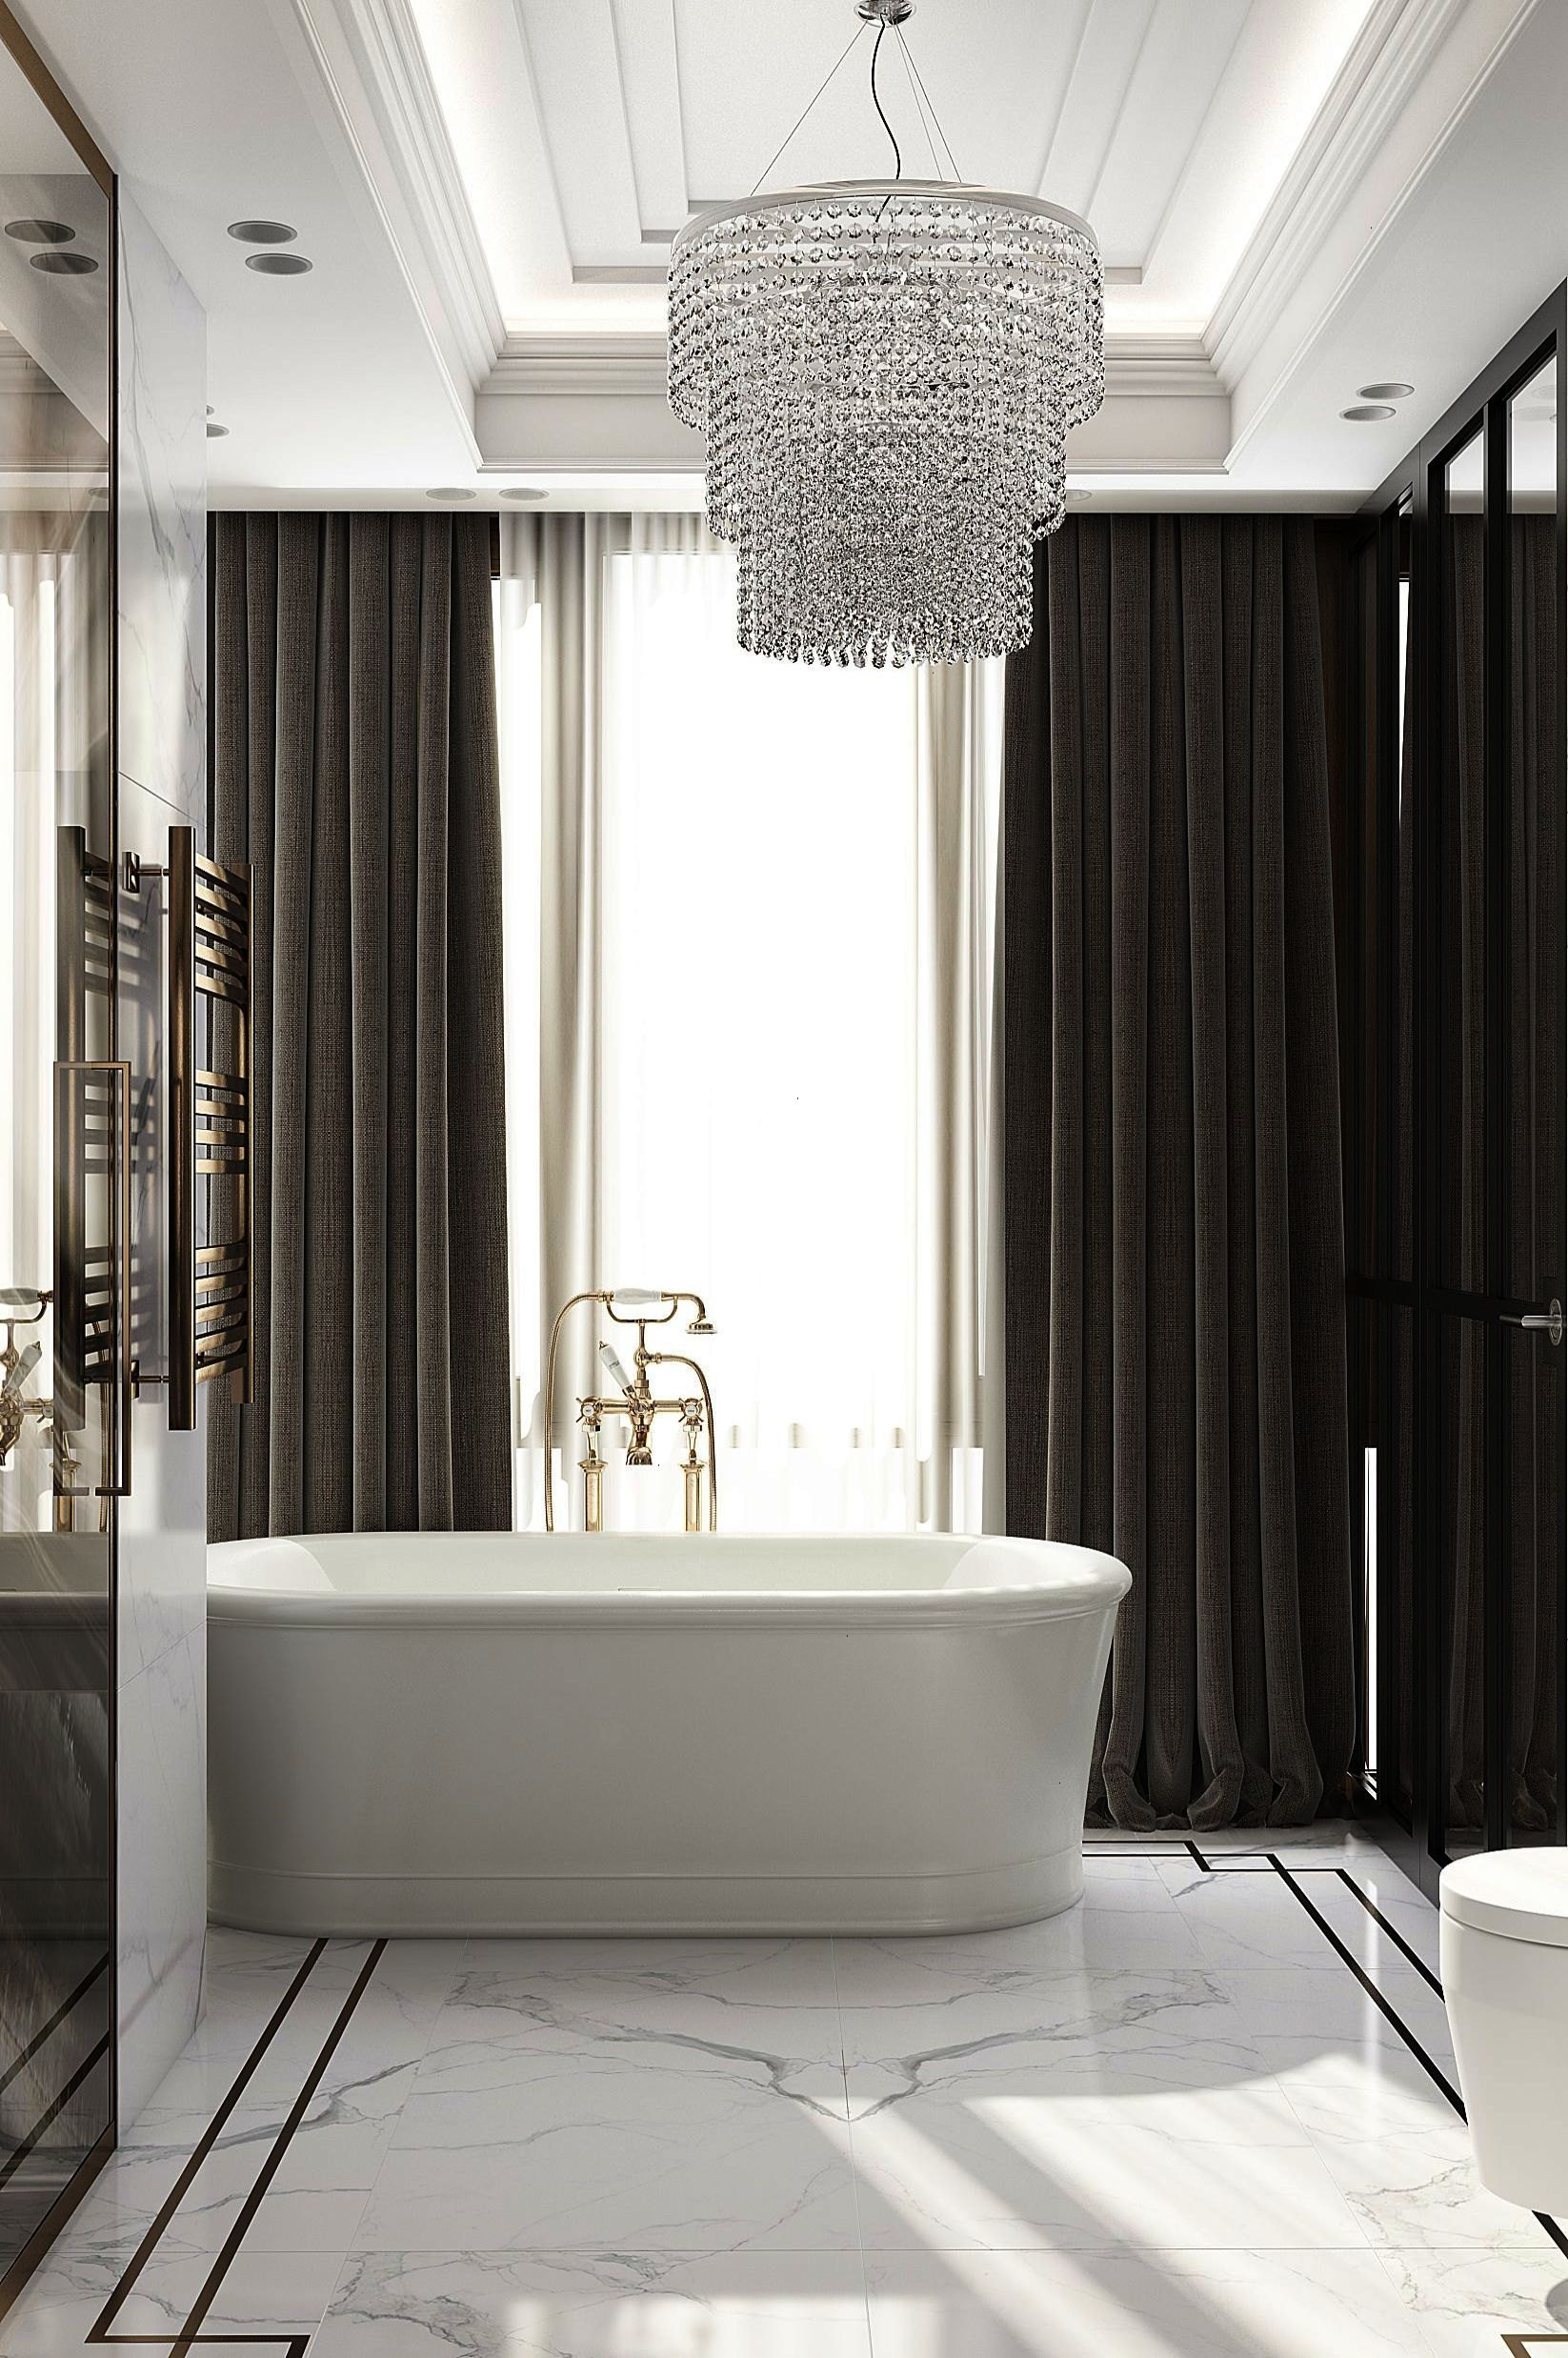 Sweet U003e Luxury Bathrooms Dublin ;) Badezimmer, Dekoration, Luxus Badezimmer,  Zeitgenössische Badezimmer